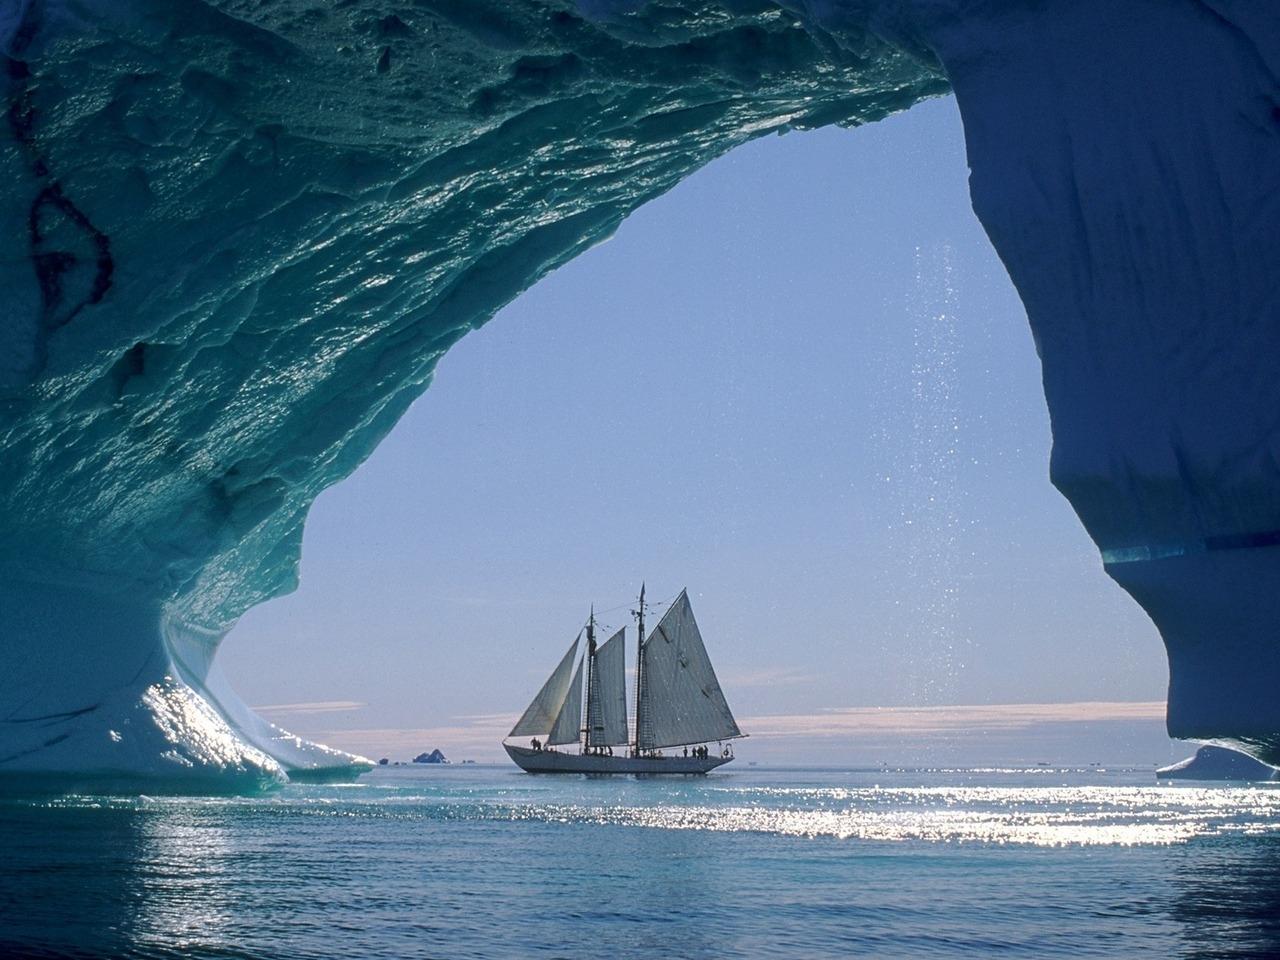 23764 скачать обои Транспорт, Пейзаж, Корабли, Море, Лед - заставки и картинки бесплатно